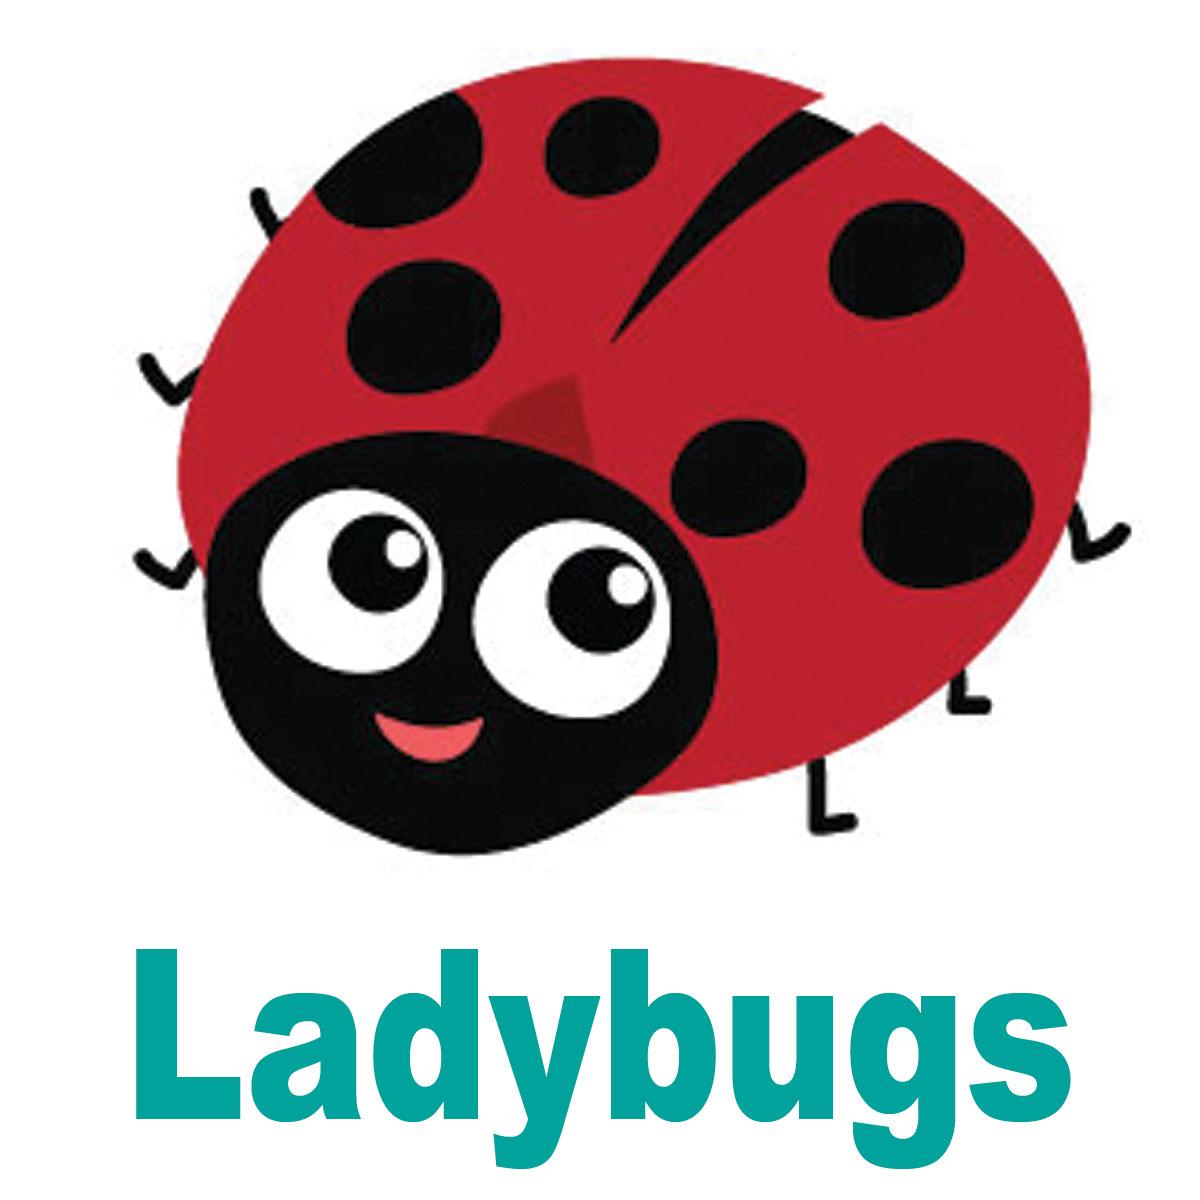 JB_Ladybugs.jpg